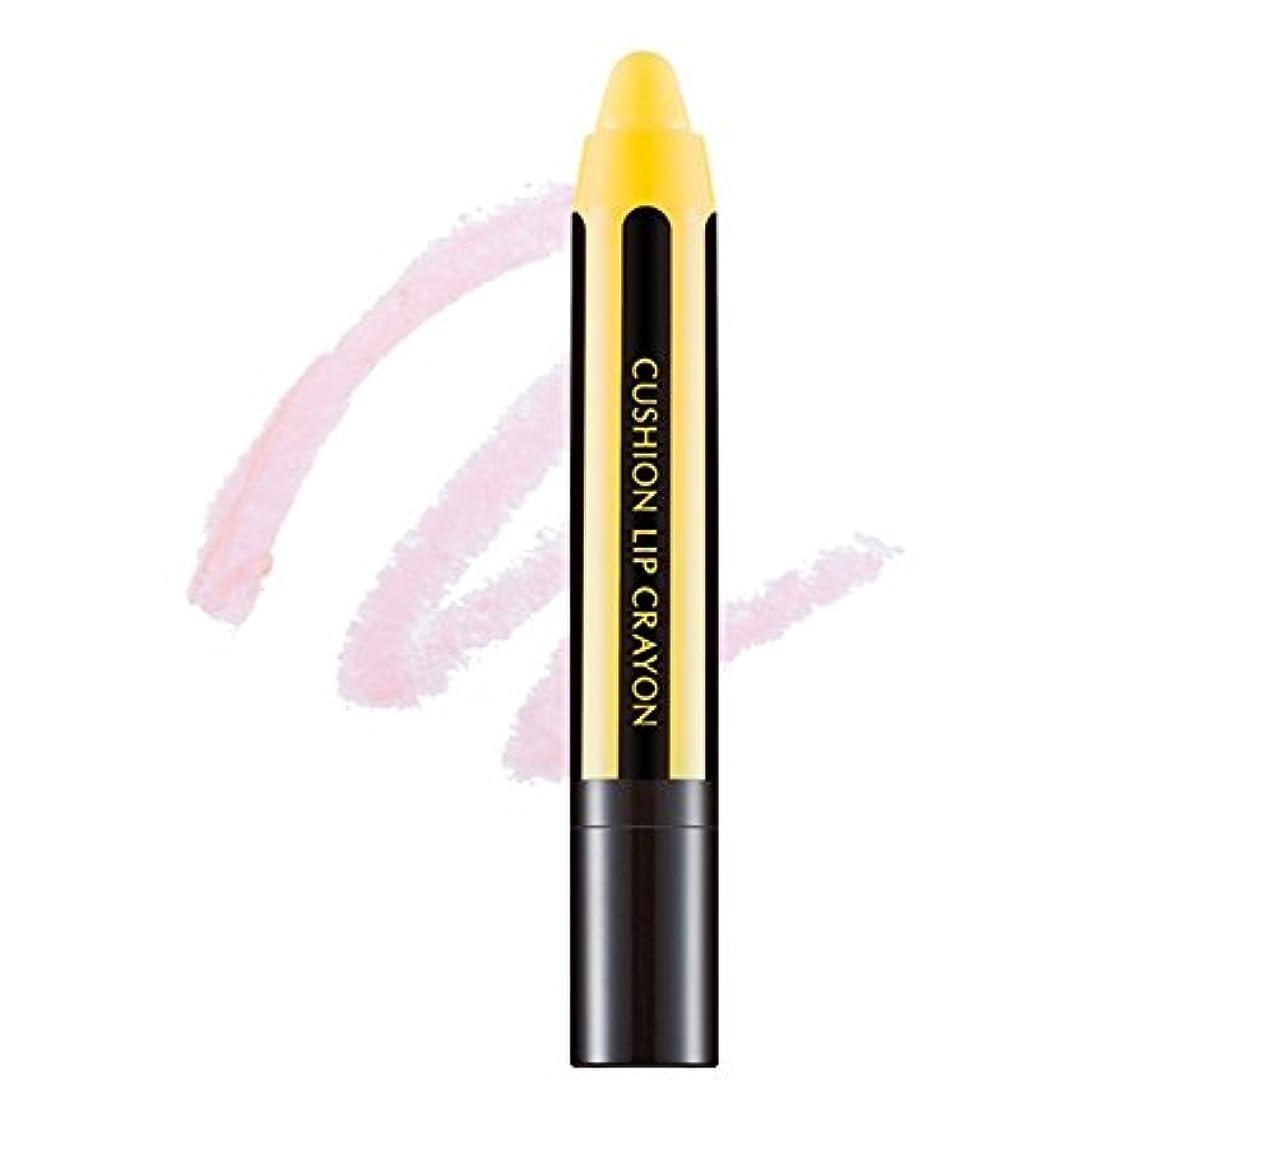 再発するポーターポーター[New] MISSHA Cushion Lip Crayon (#YPK01 : Lemon soda)/ミシャ クッション リップ クレヨン (#YPK01 : Lemon soda)